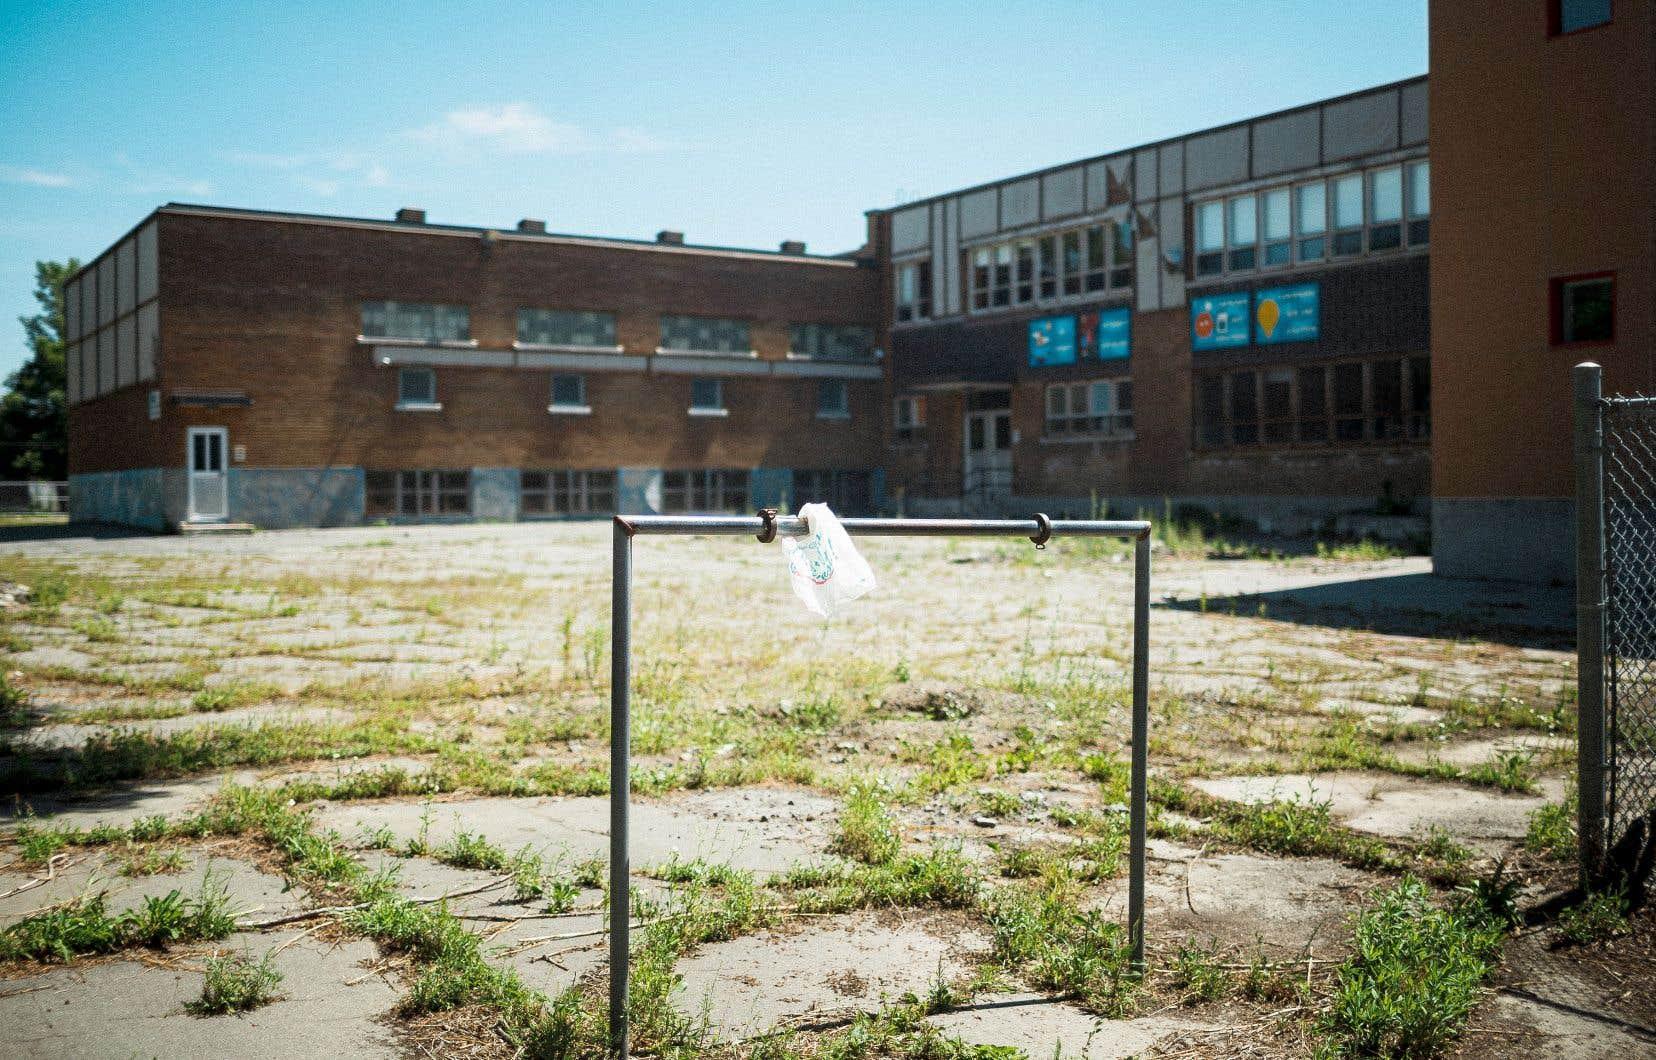 Les mauvaises herbes, qui poussent à travers les craques de l'asphalte dans la cour d'école enclavée par des clôtures tordues, illustrent l'état de décrépitude avancé de l'école Sainte-Lucie, dans le quartier Saint-Michel.